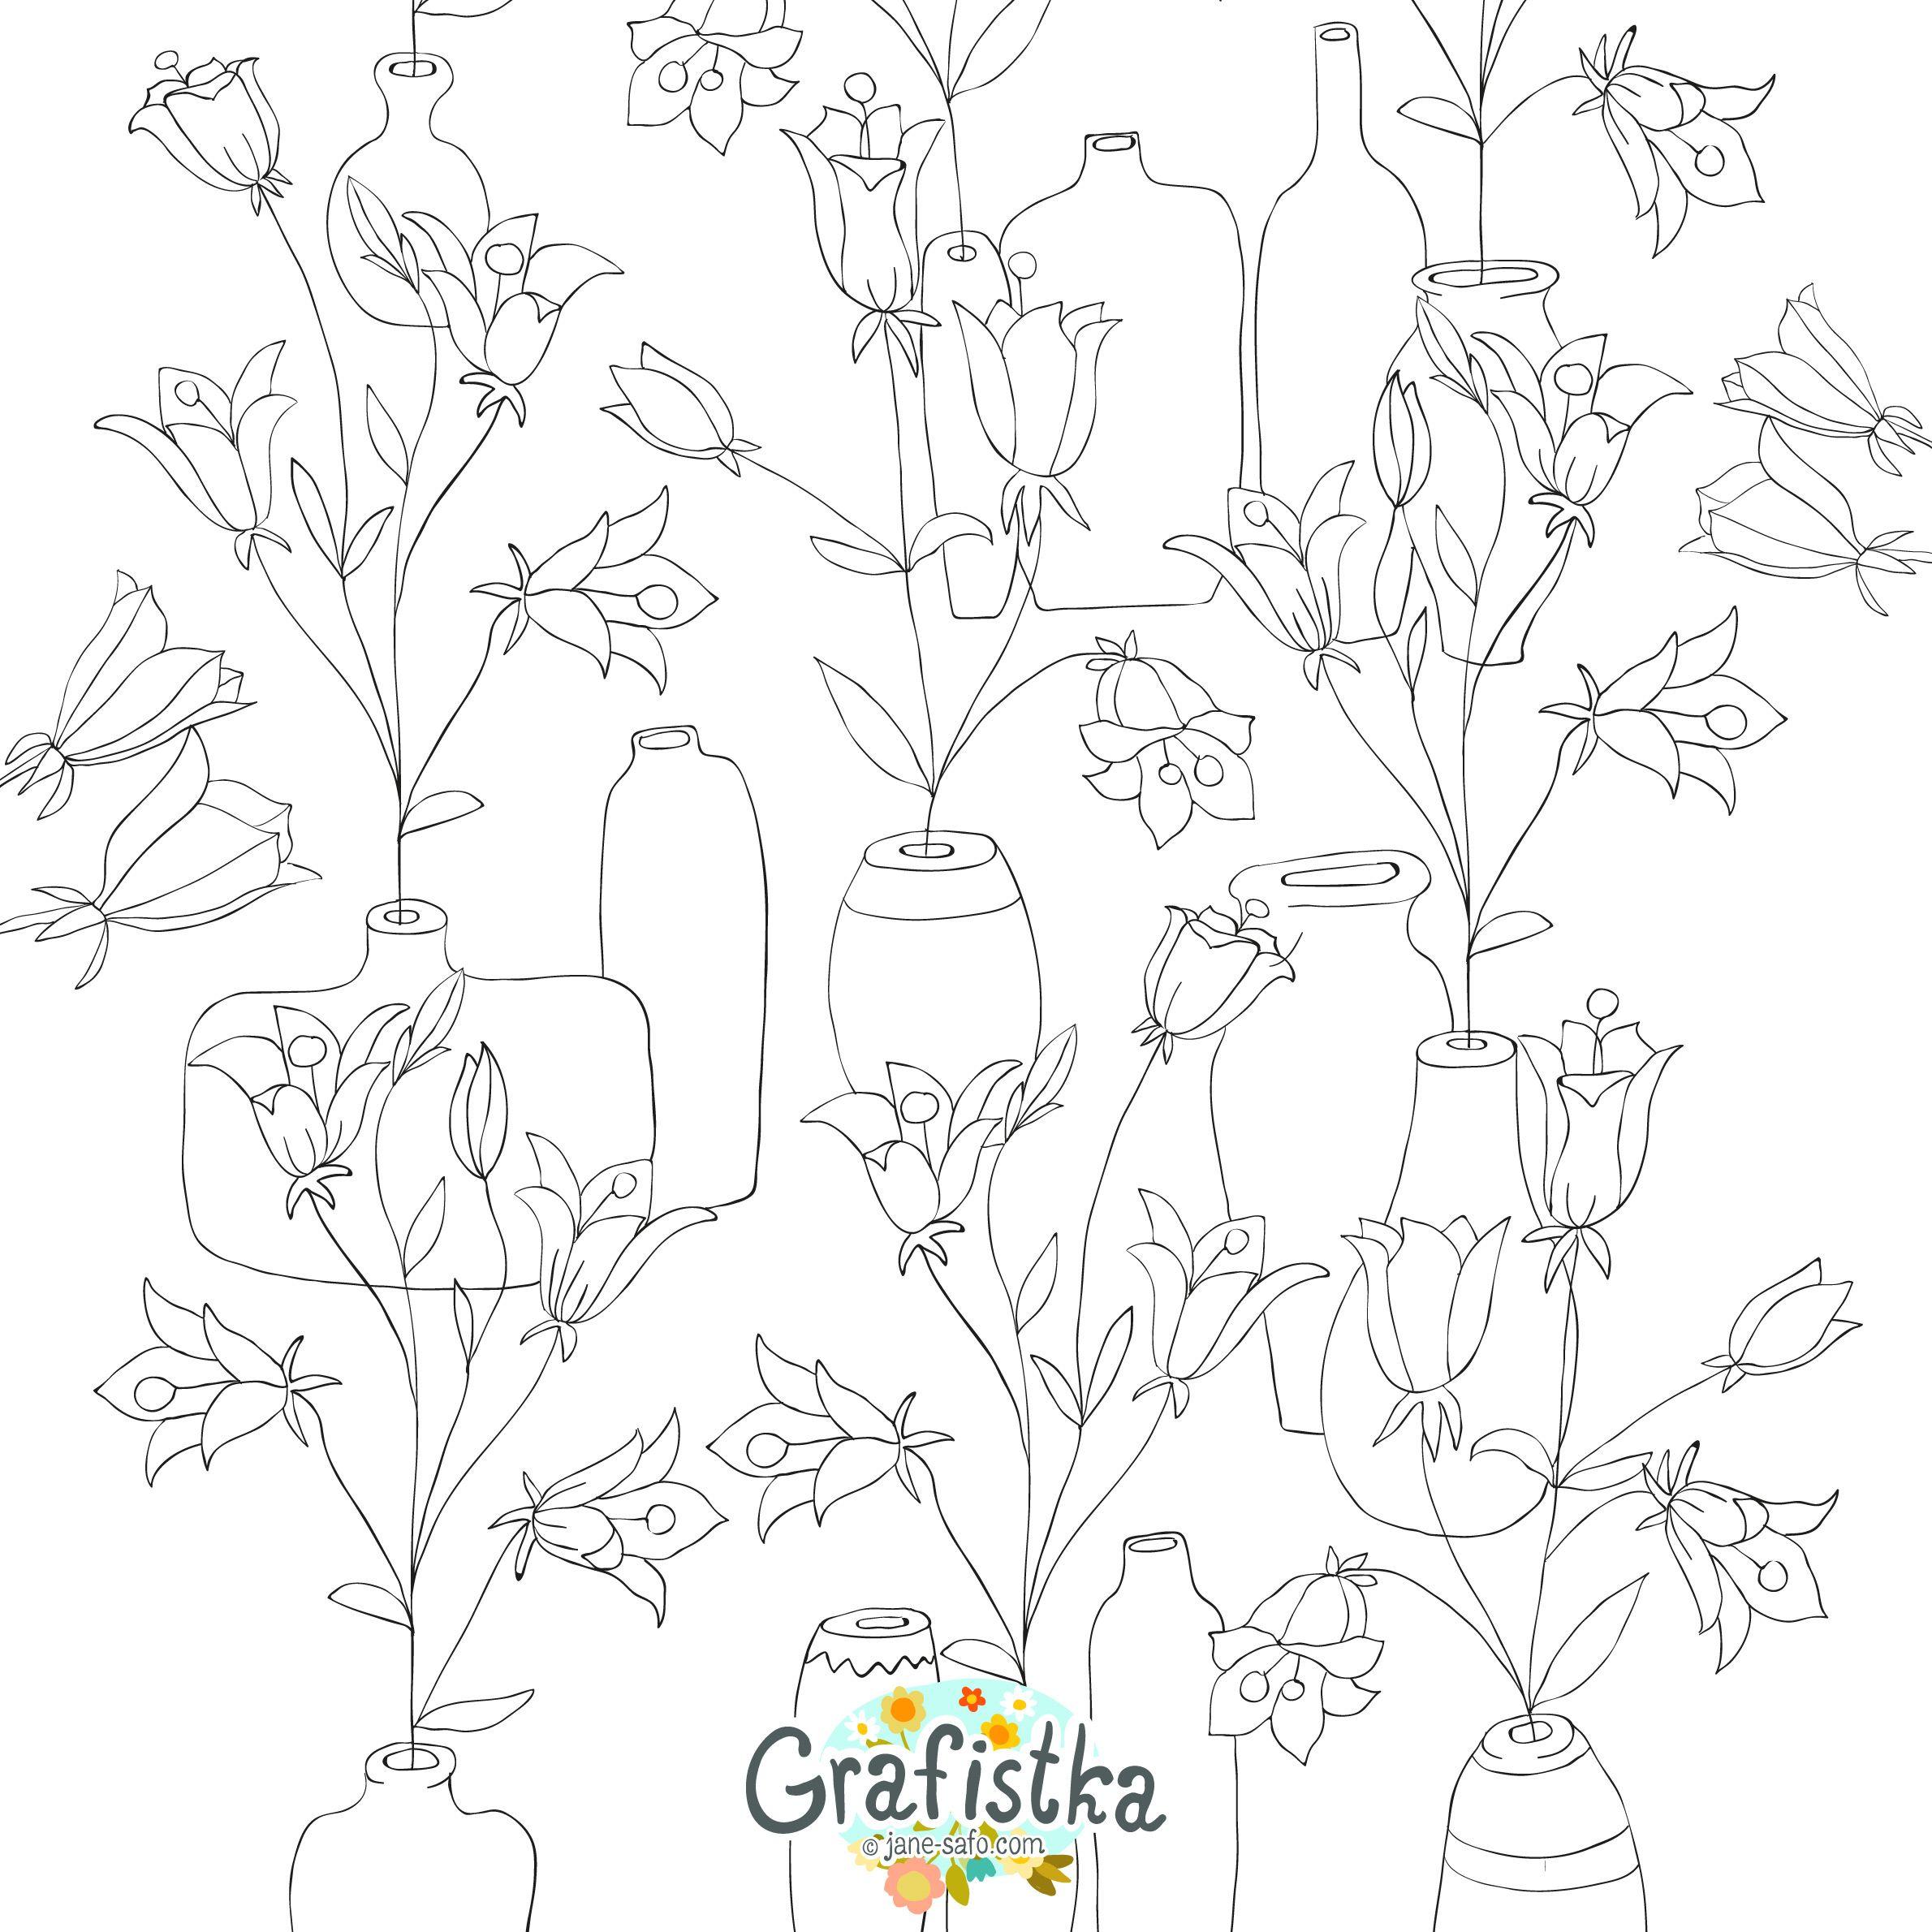 Скачать и распечатать раскраску цветы zenart pinterest